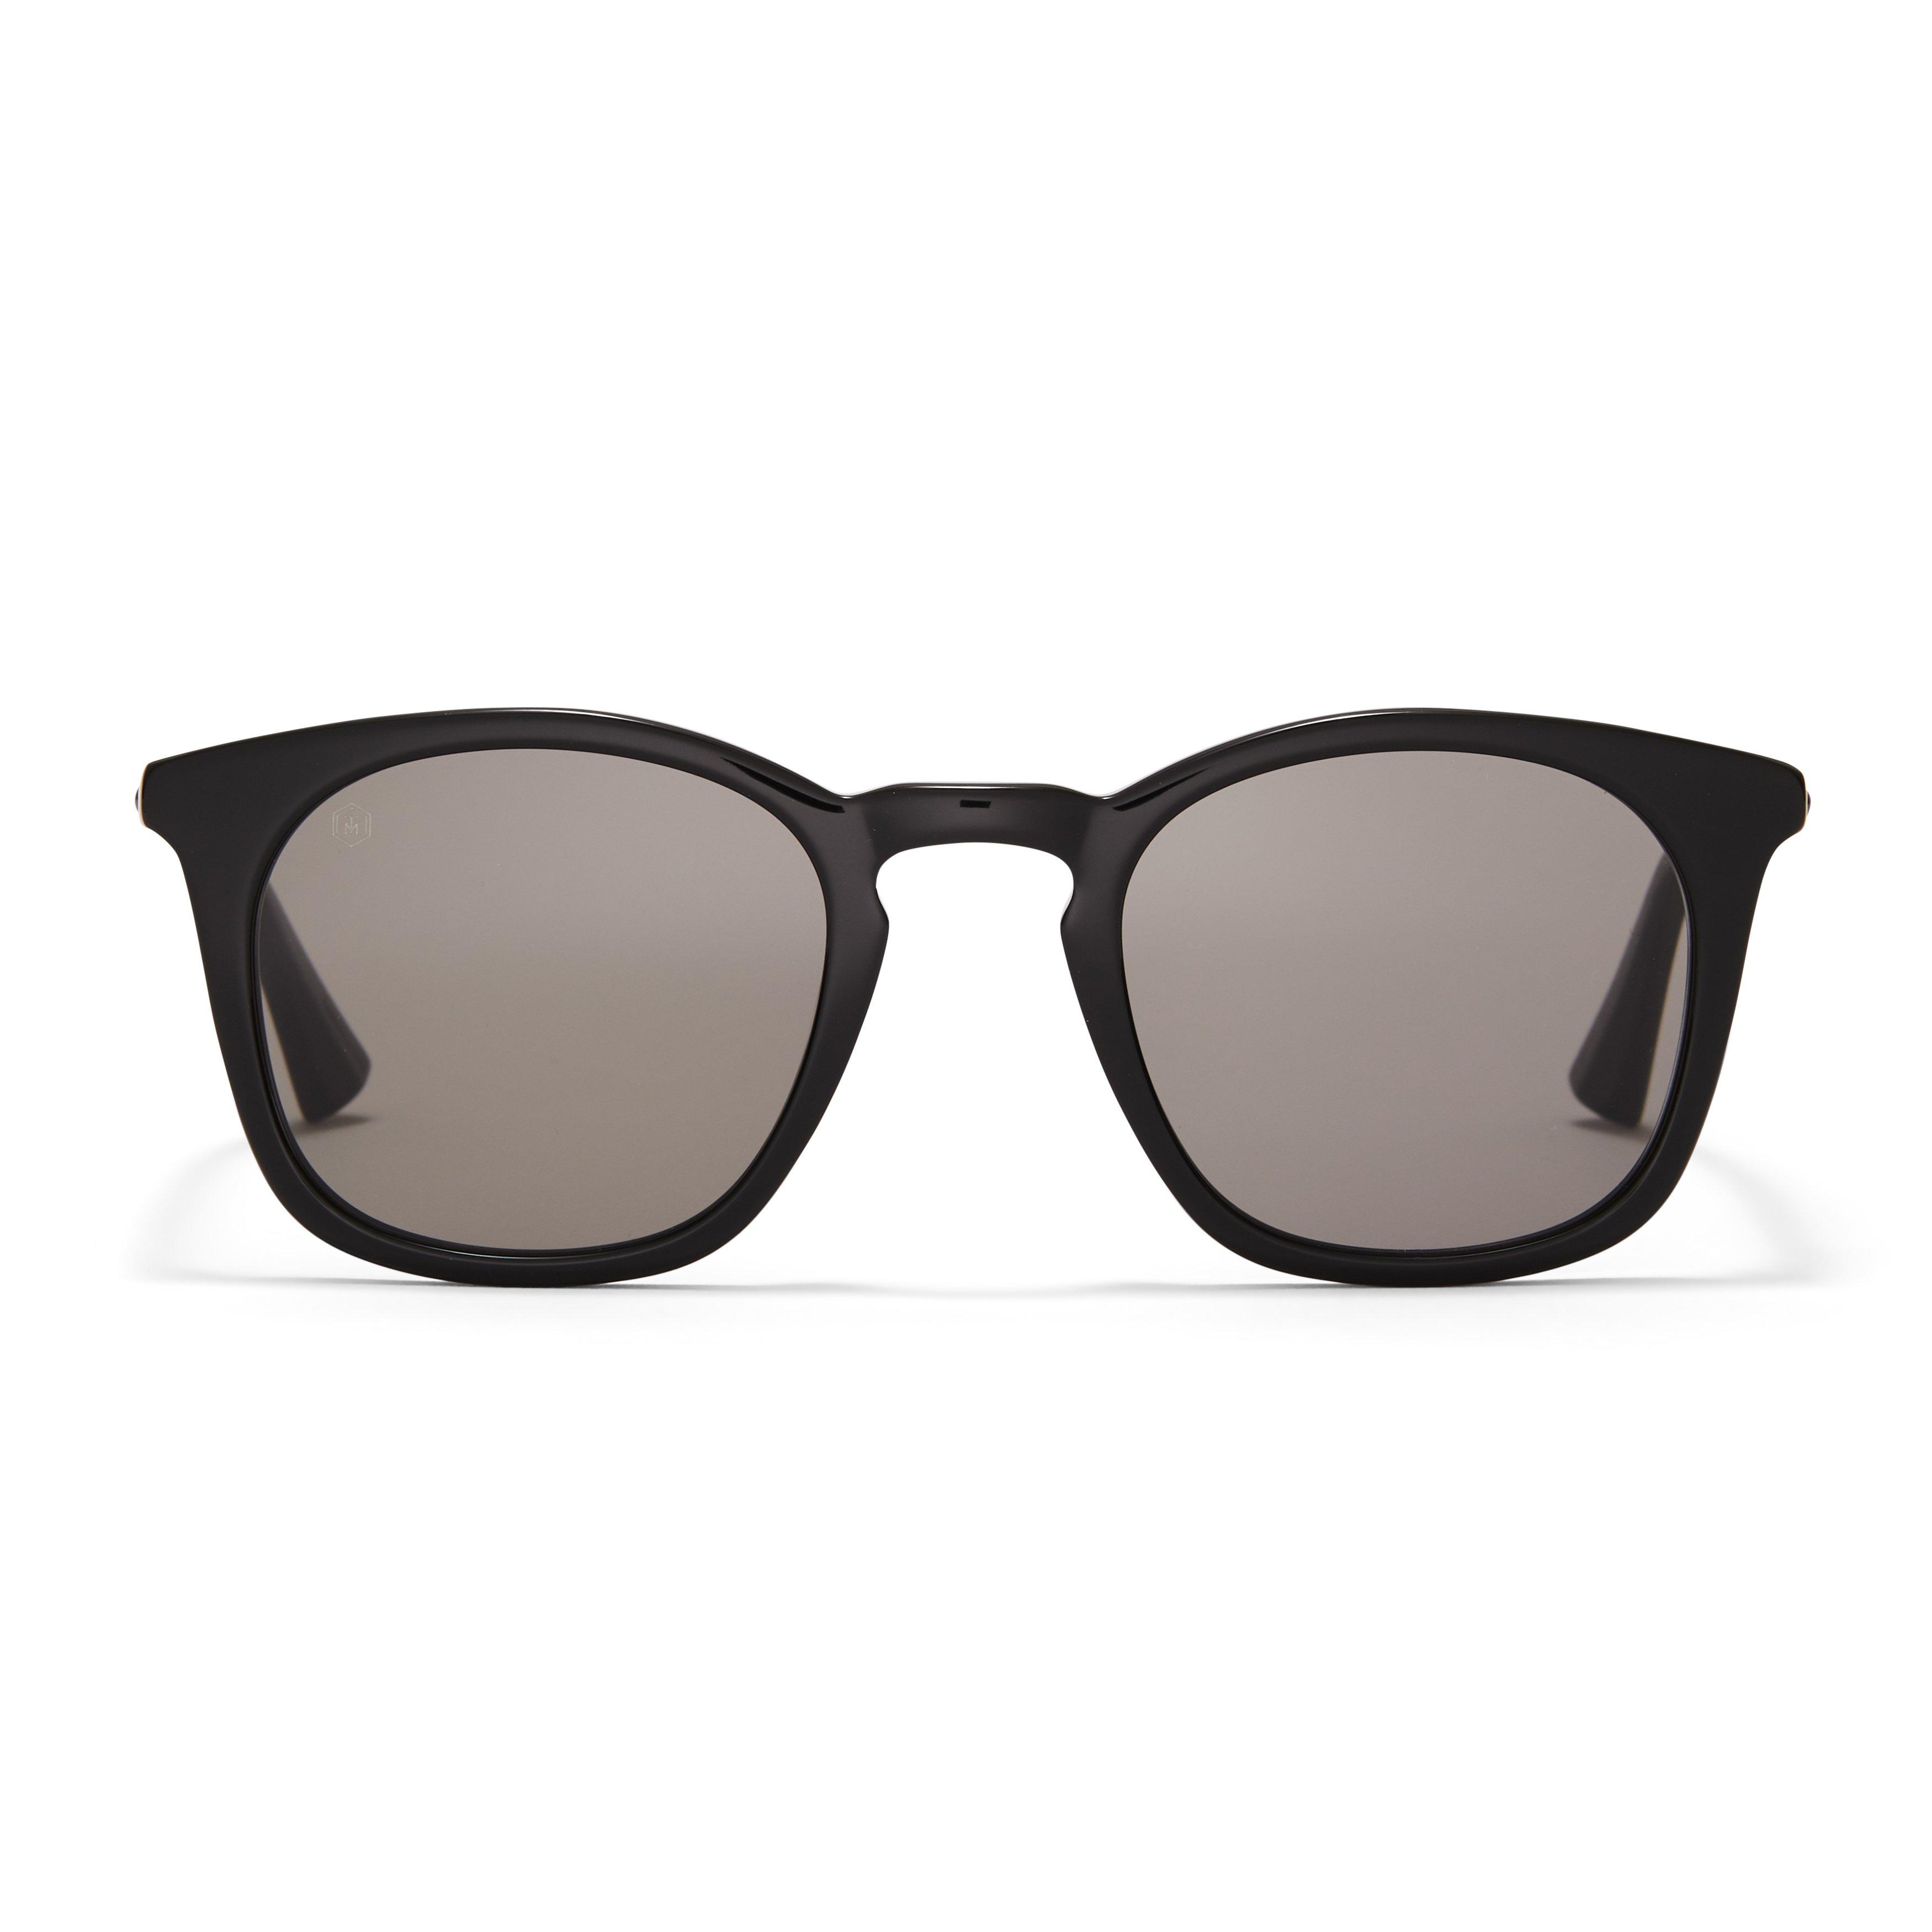 Taylor Morris Louis Orson Sunglasses, Single Vision